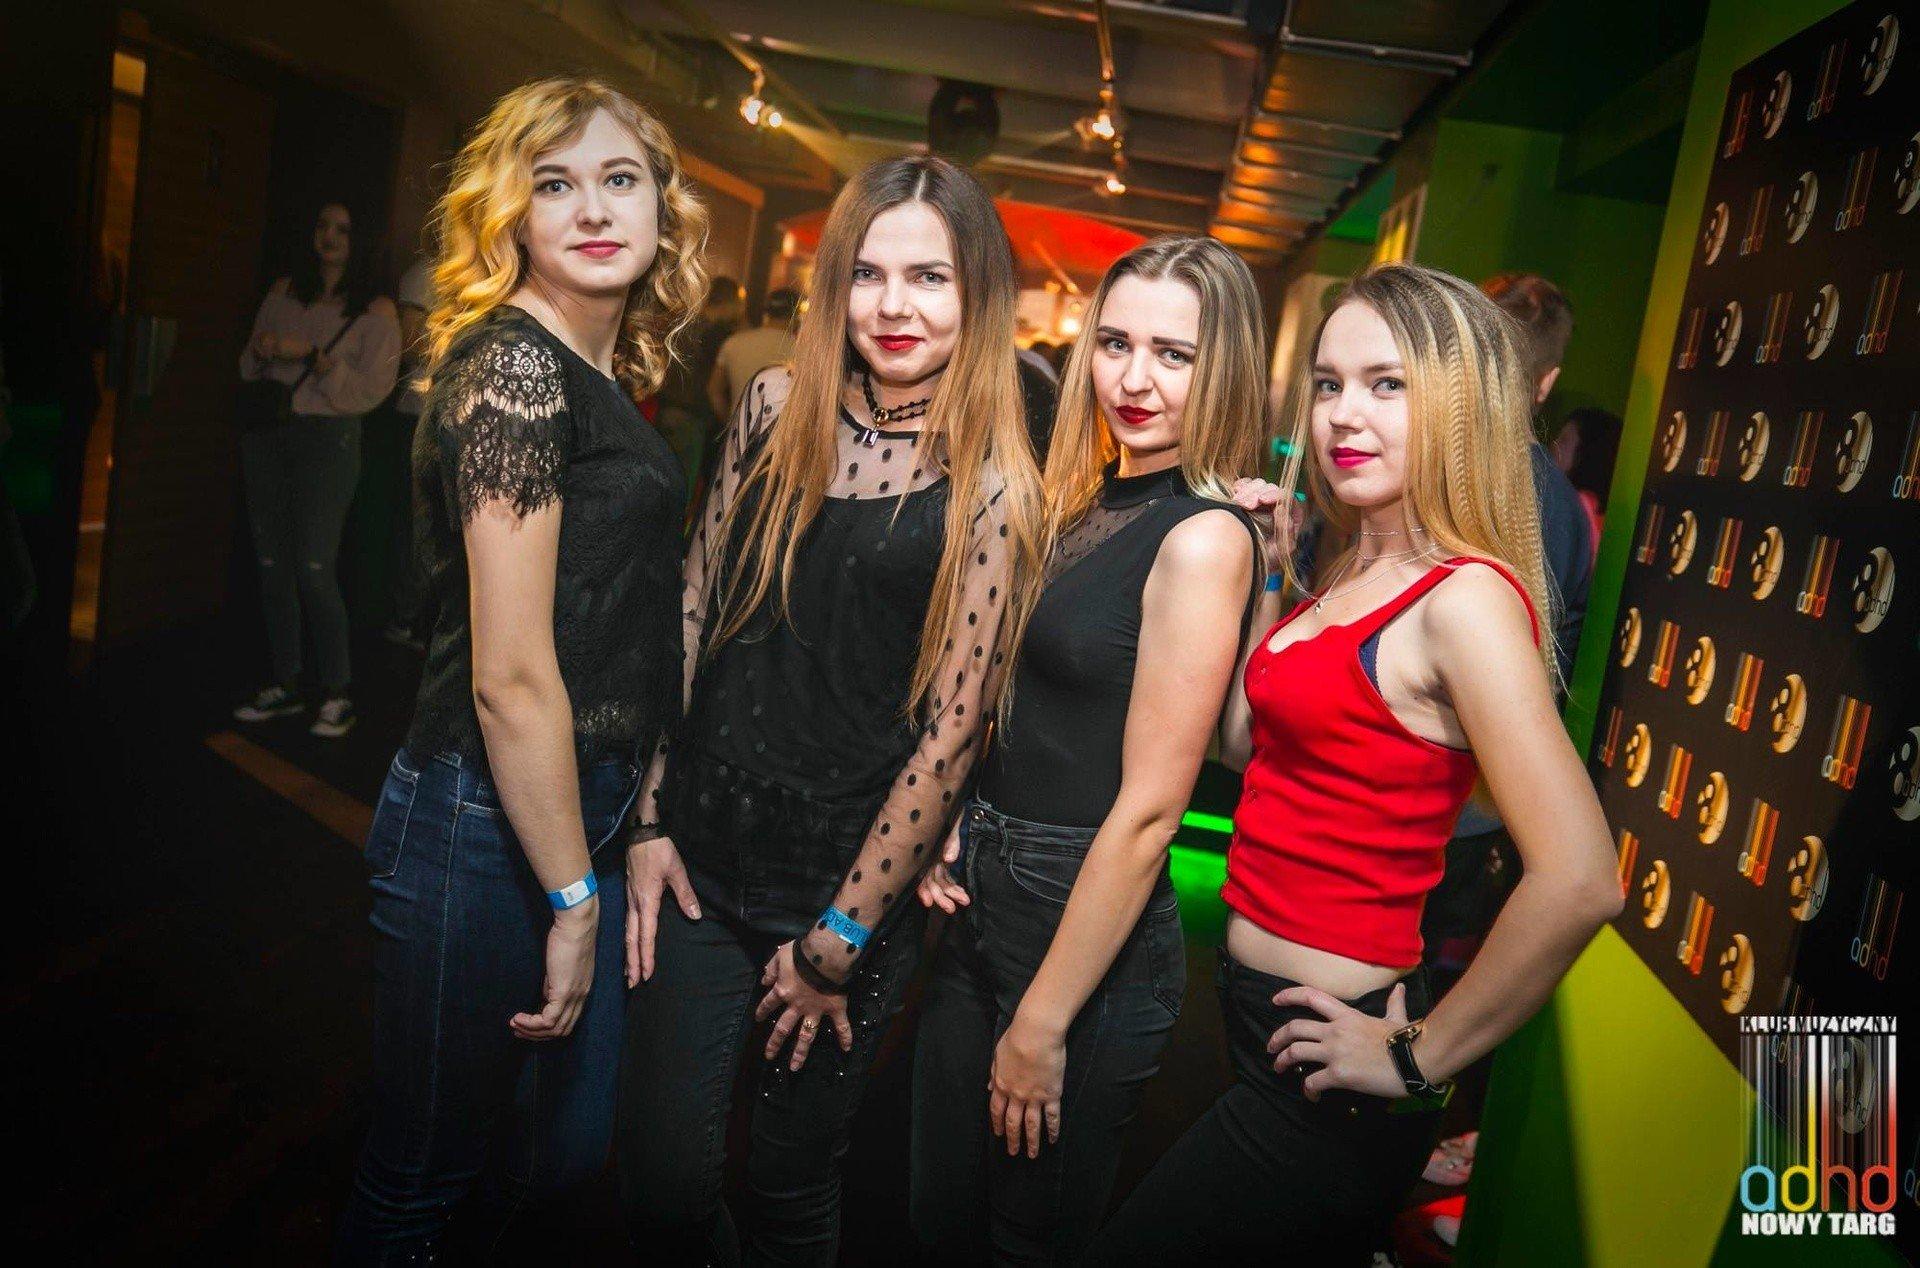 Randki z kobietami i dziewczynami lskie scae-championships.com